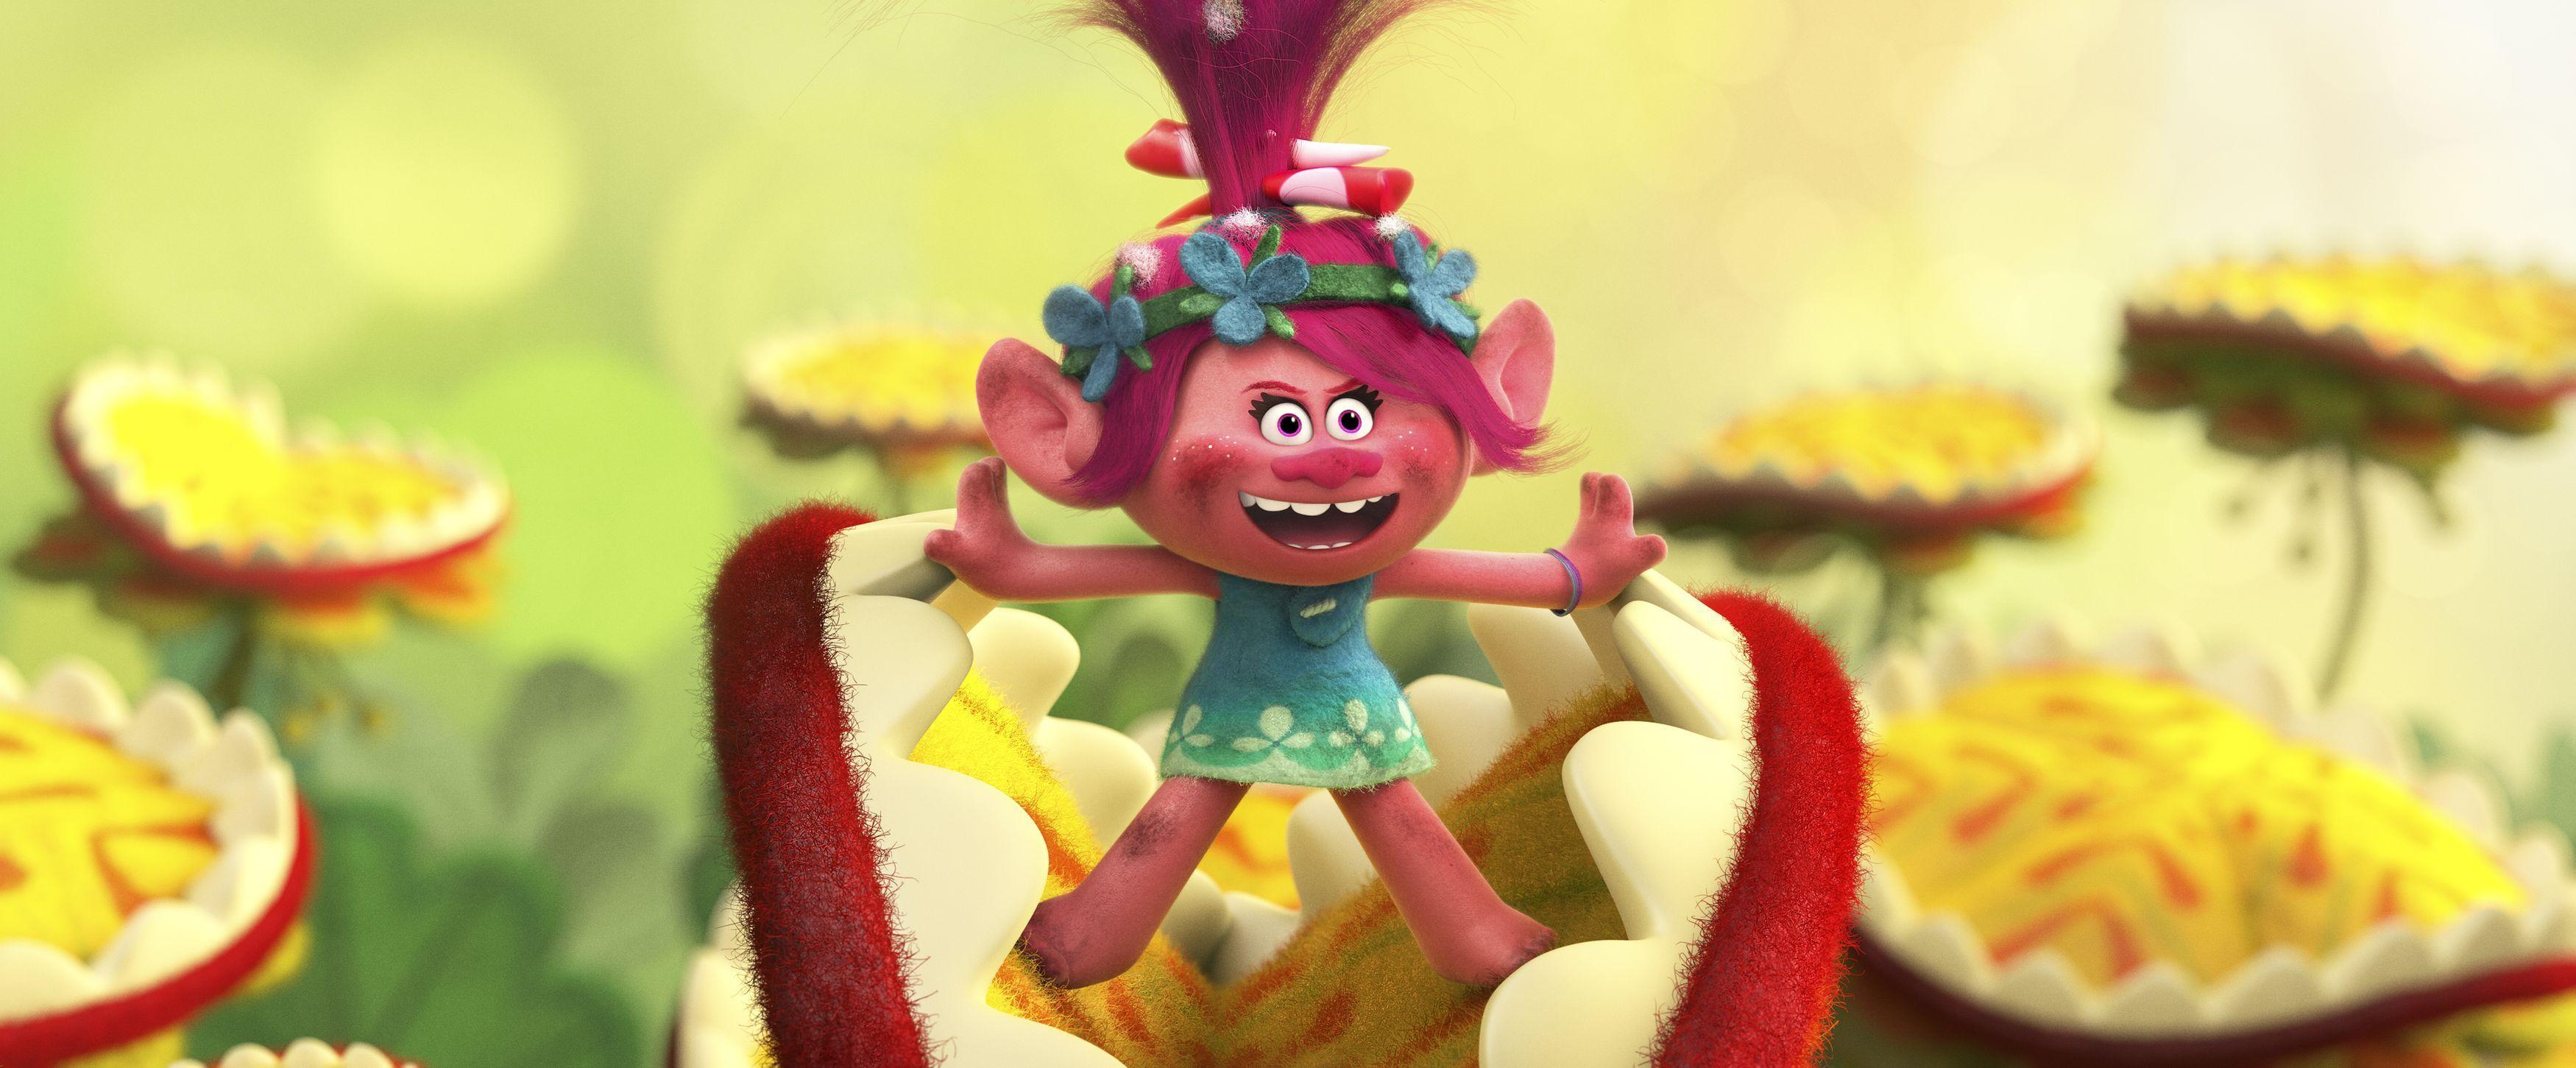 Dave Burgess worked on hit DreamWorks movie, Trolls